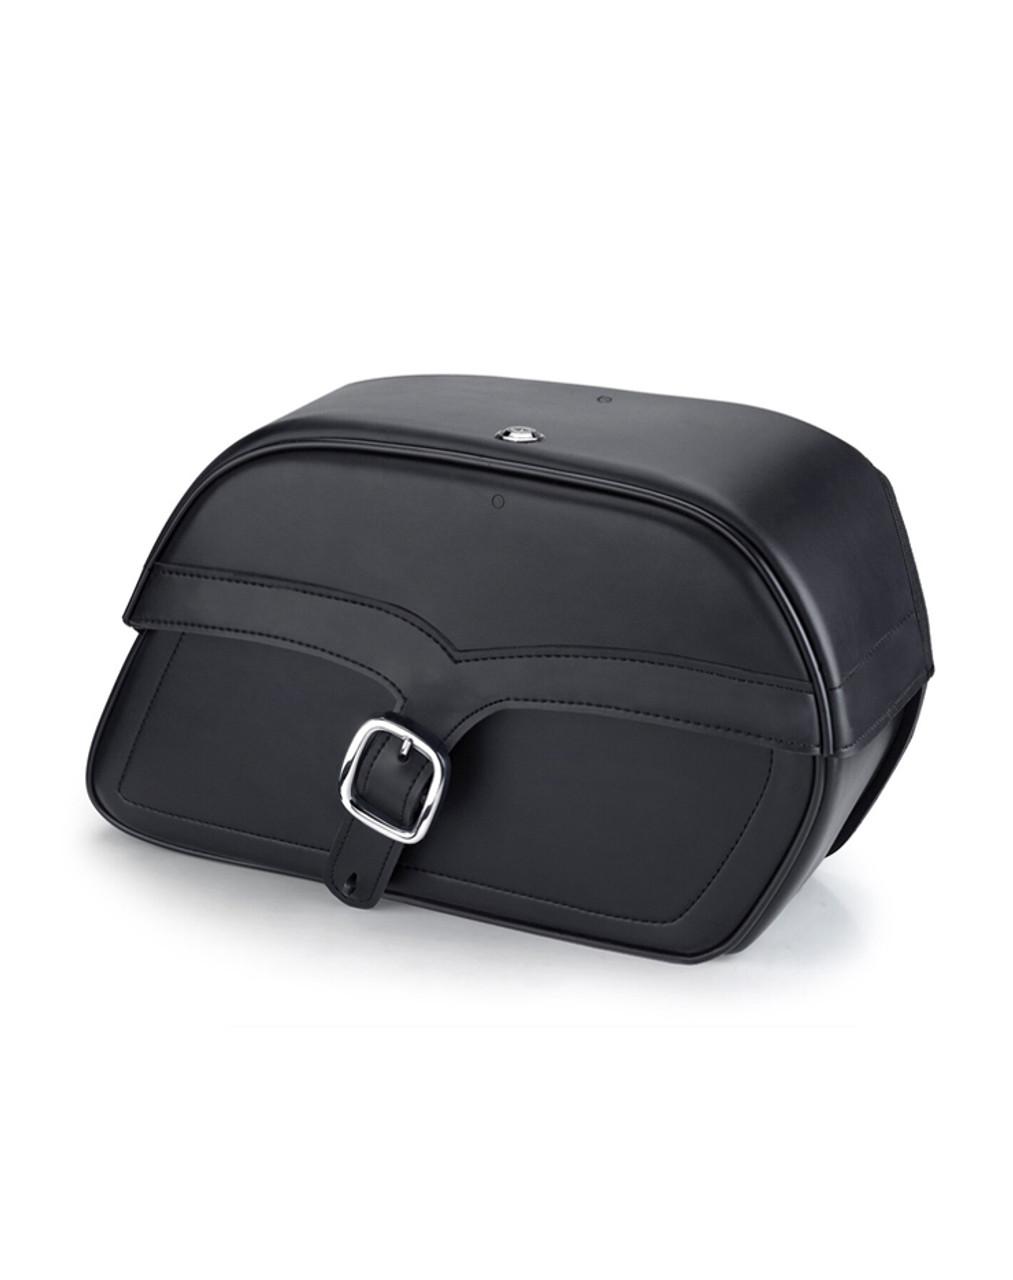 Yamaha Stratoliner XV 1900 Medium Charger Single Strap Motorcycle Saddlebags Main Bag View